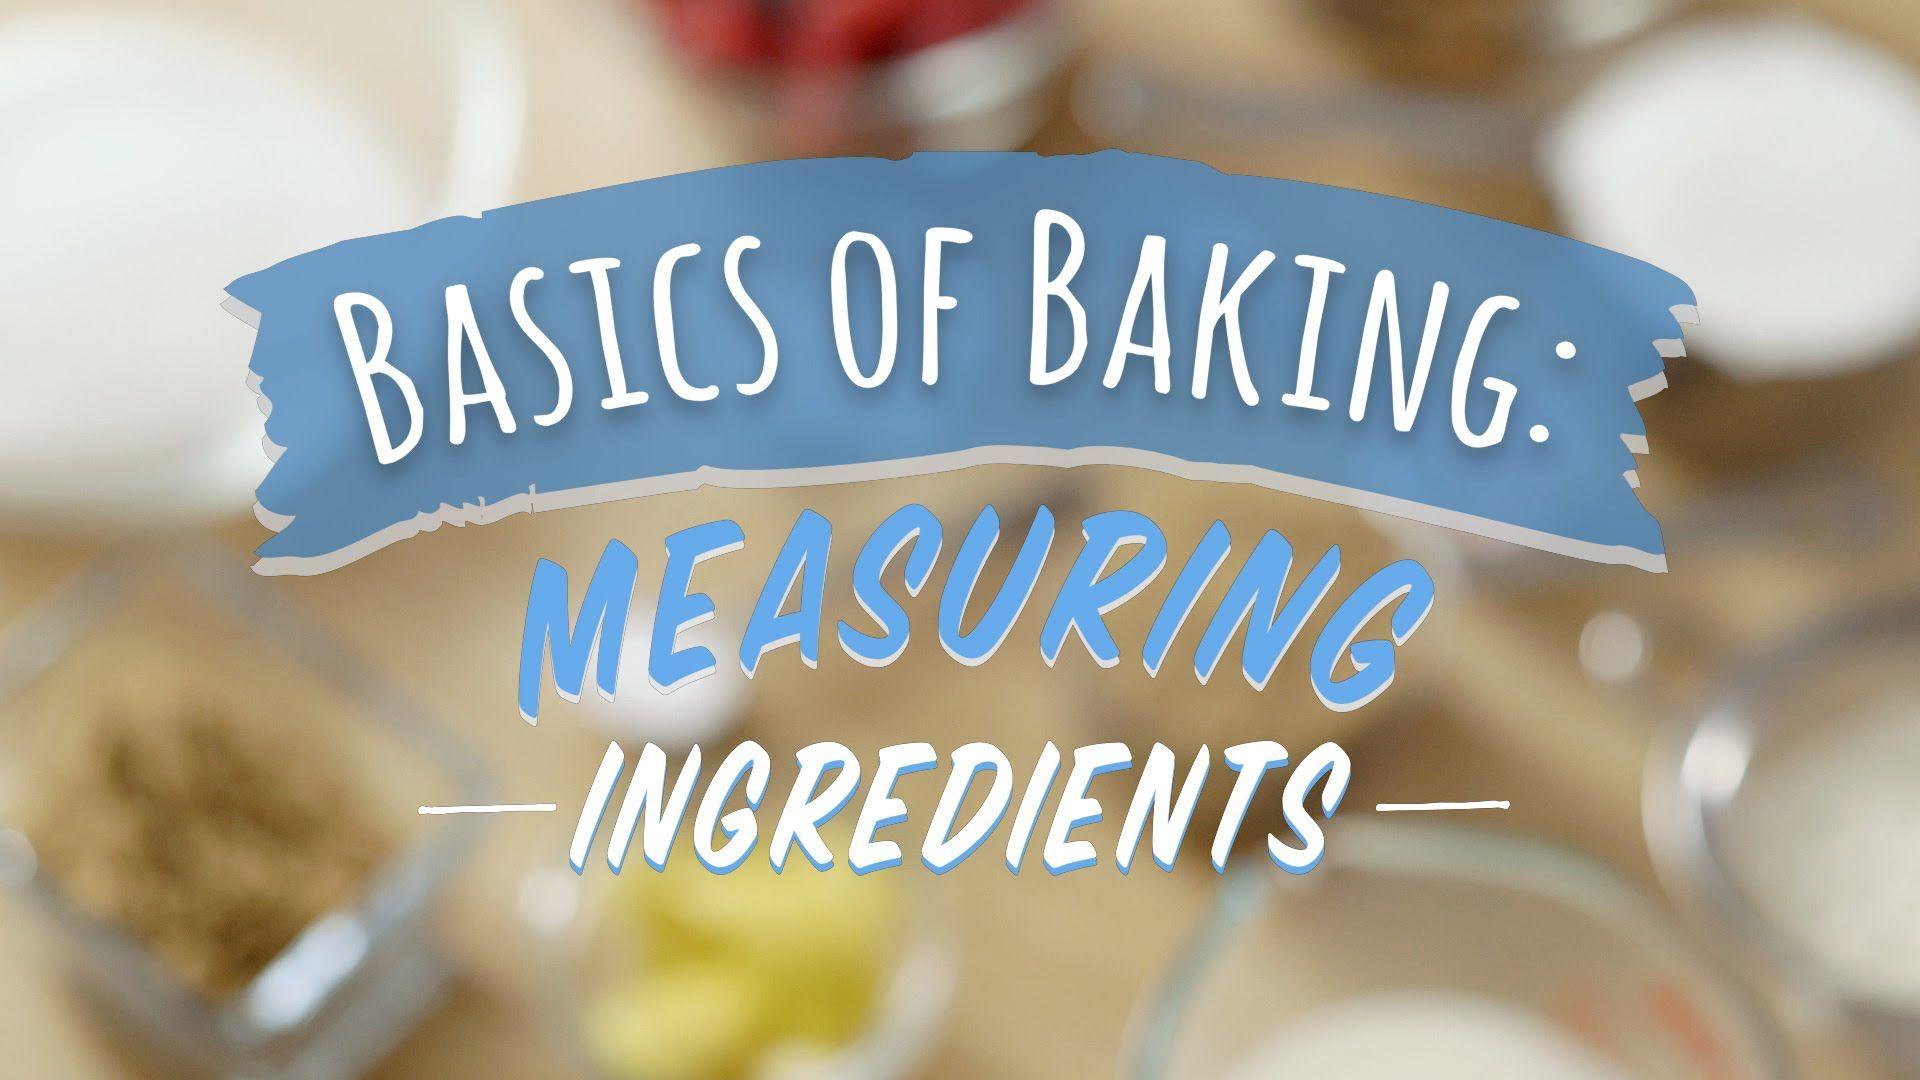 Basics Of Baking Measuring Ingre Nts